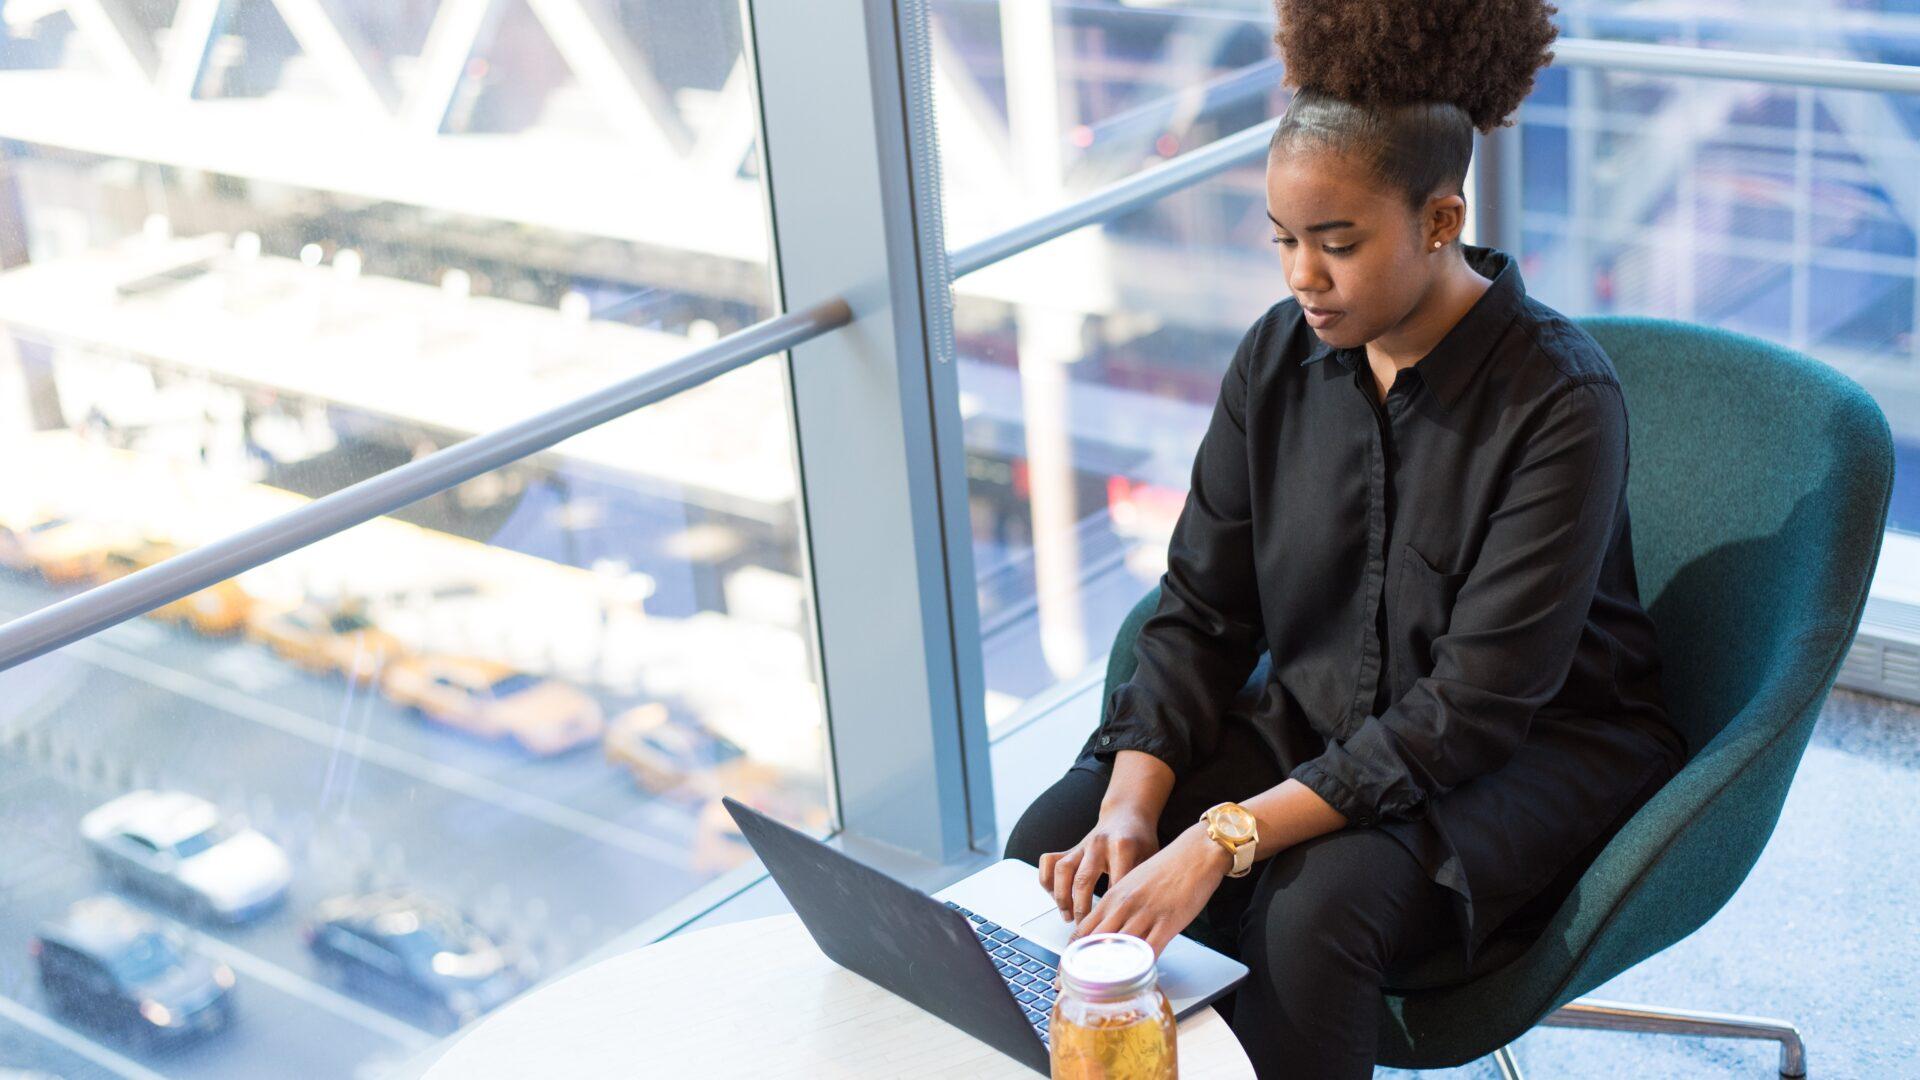 woman laptop window